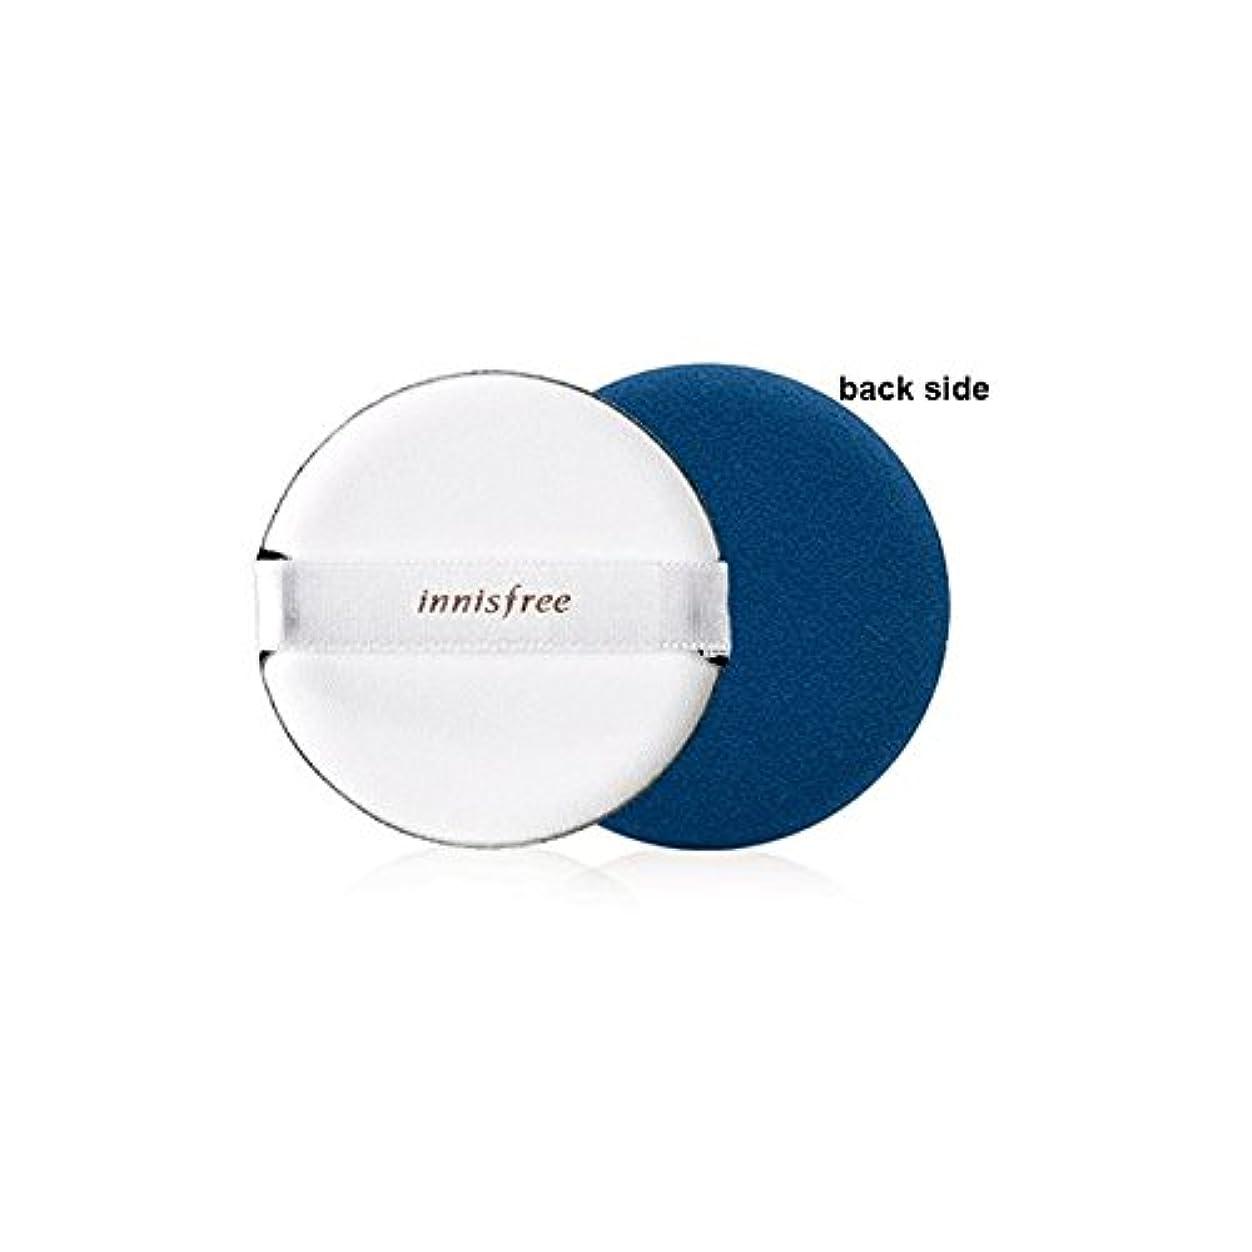 人物ラバ固有の[イニスプリー] Innisfree エアマジックパフ-グロ [Innisfree] Eco Beauty Tool Air Magic Puff-Glow [海外直送品]